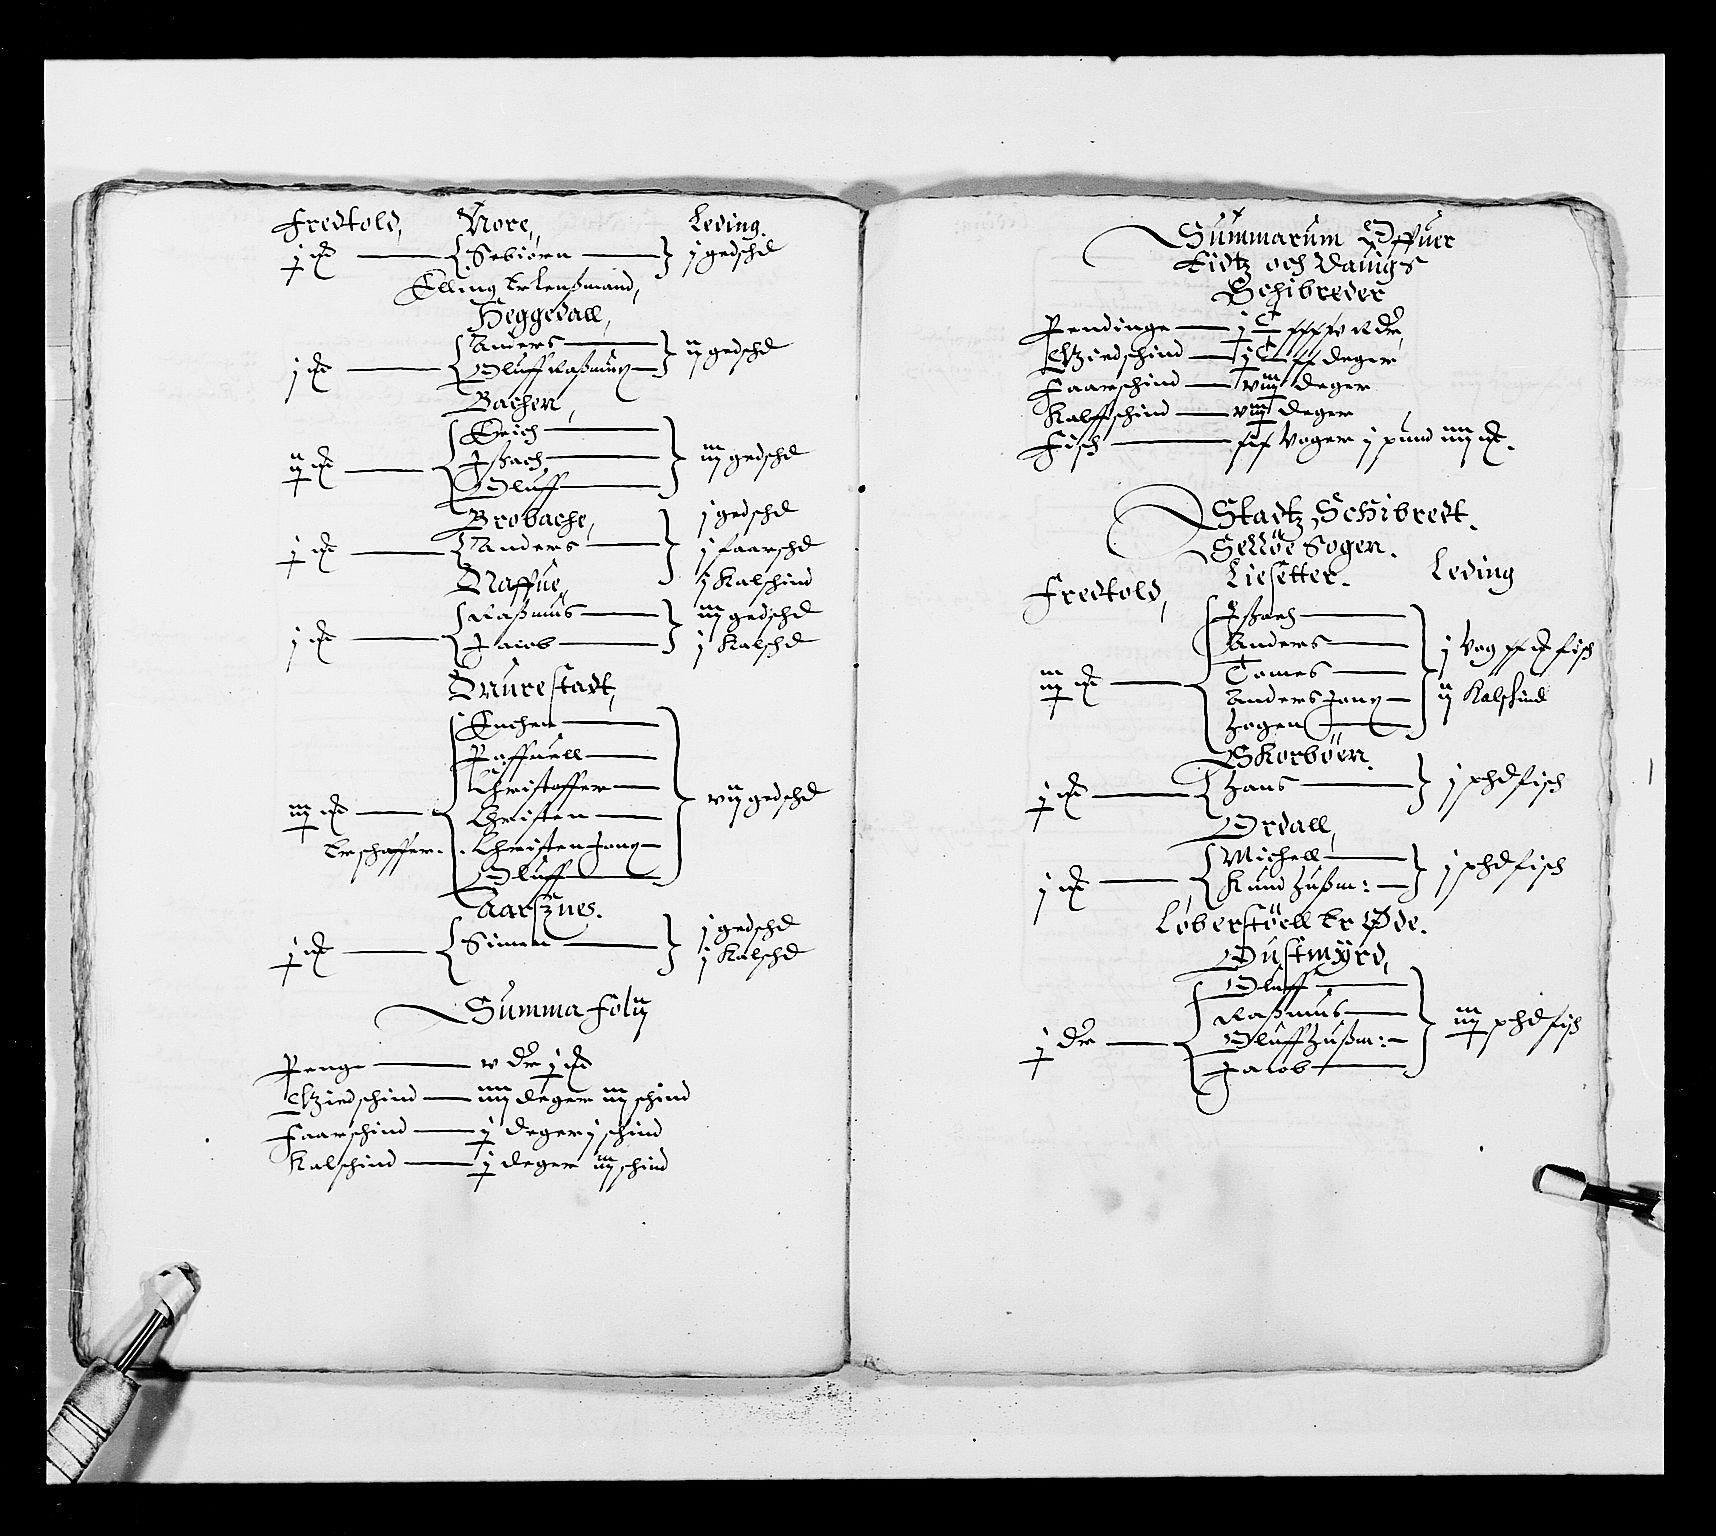 RA, Stattholderembetet 1572-1771, Ek/L0025: Jordebøker 1633-1658:, 1645-1646, s. 227